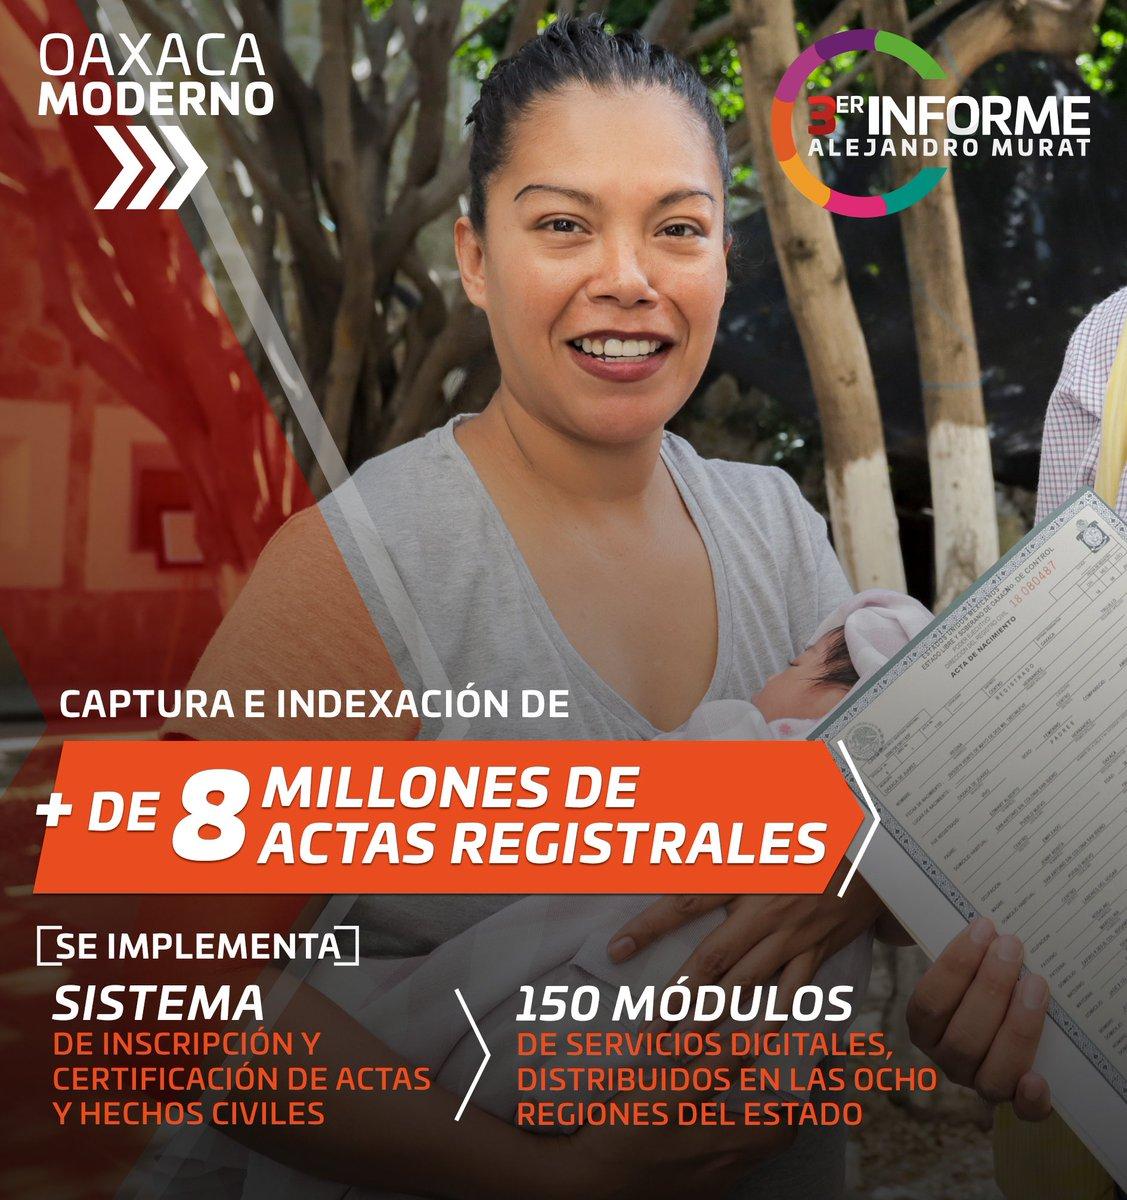 Gobierno De Oaxaca On Twitter Gracias Al Proyecto De